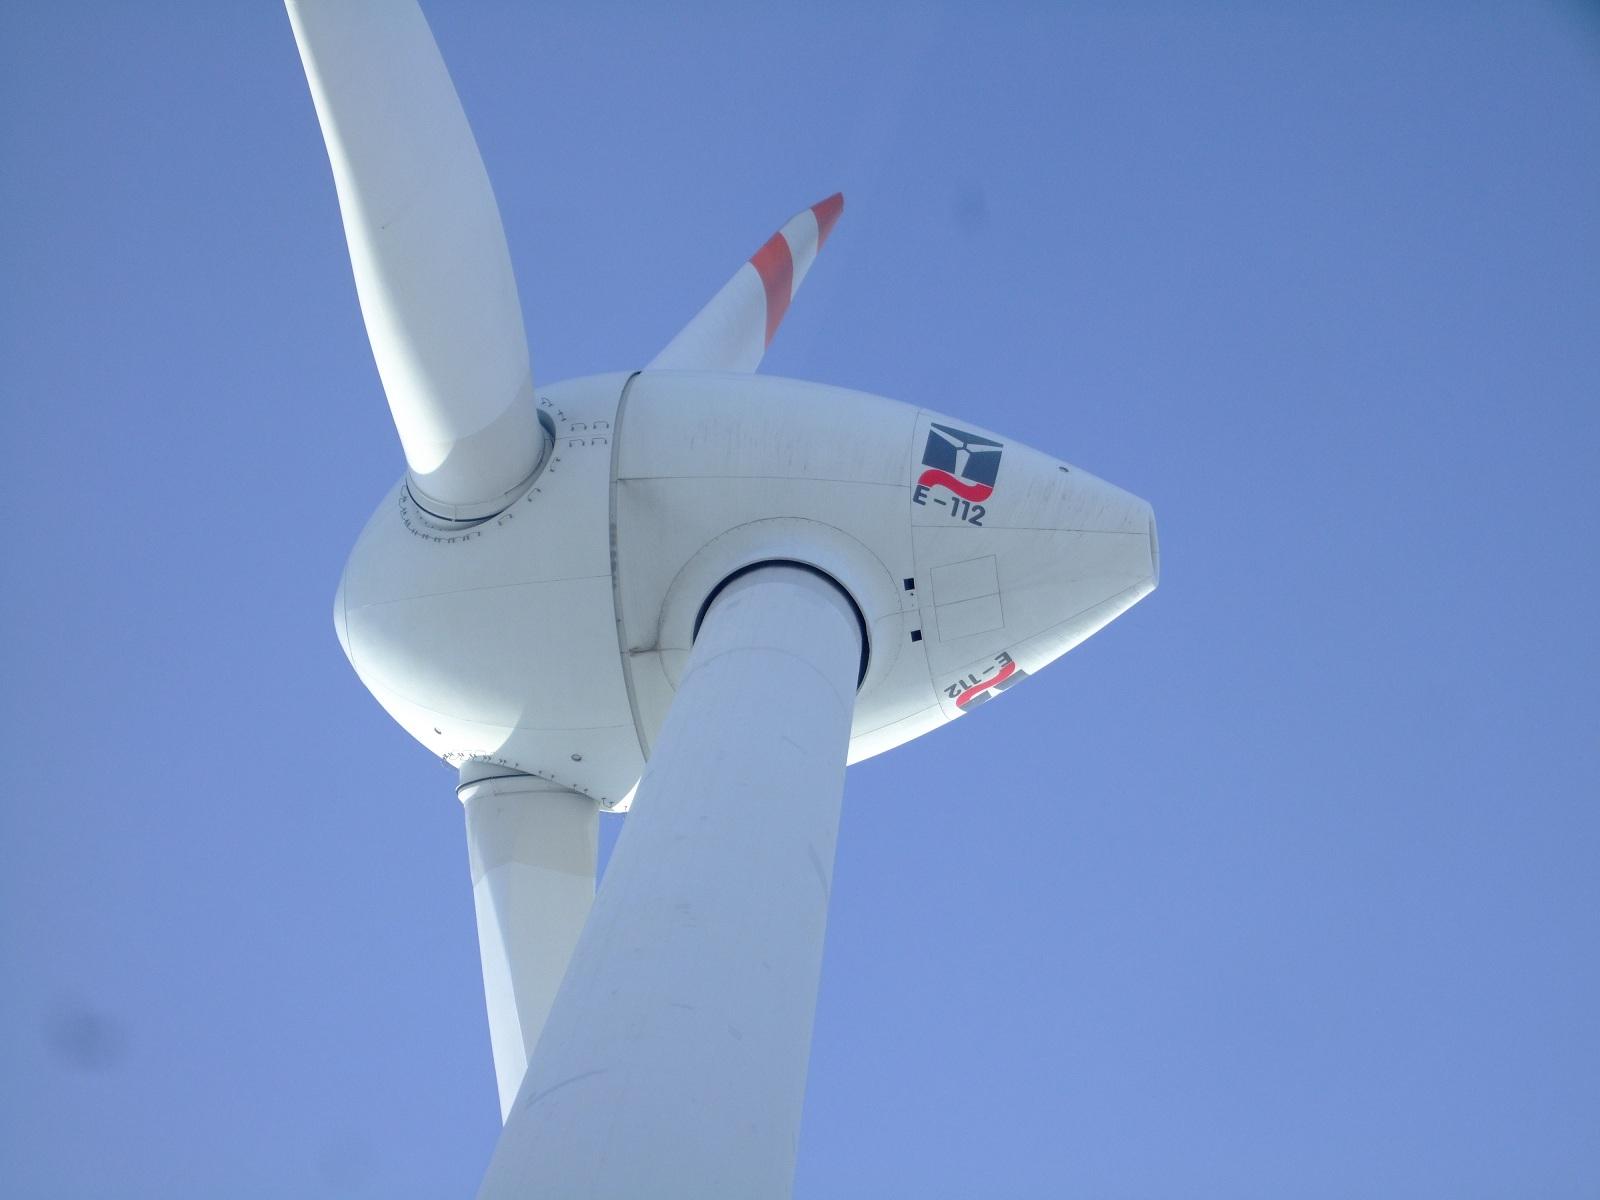 Energías renovables y eólica: Enercon acomete en Viernam un parque eólco con sus aerogeneradores